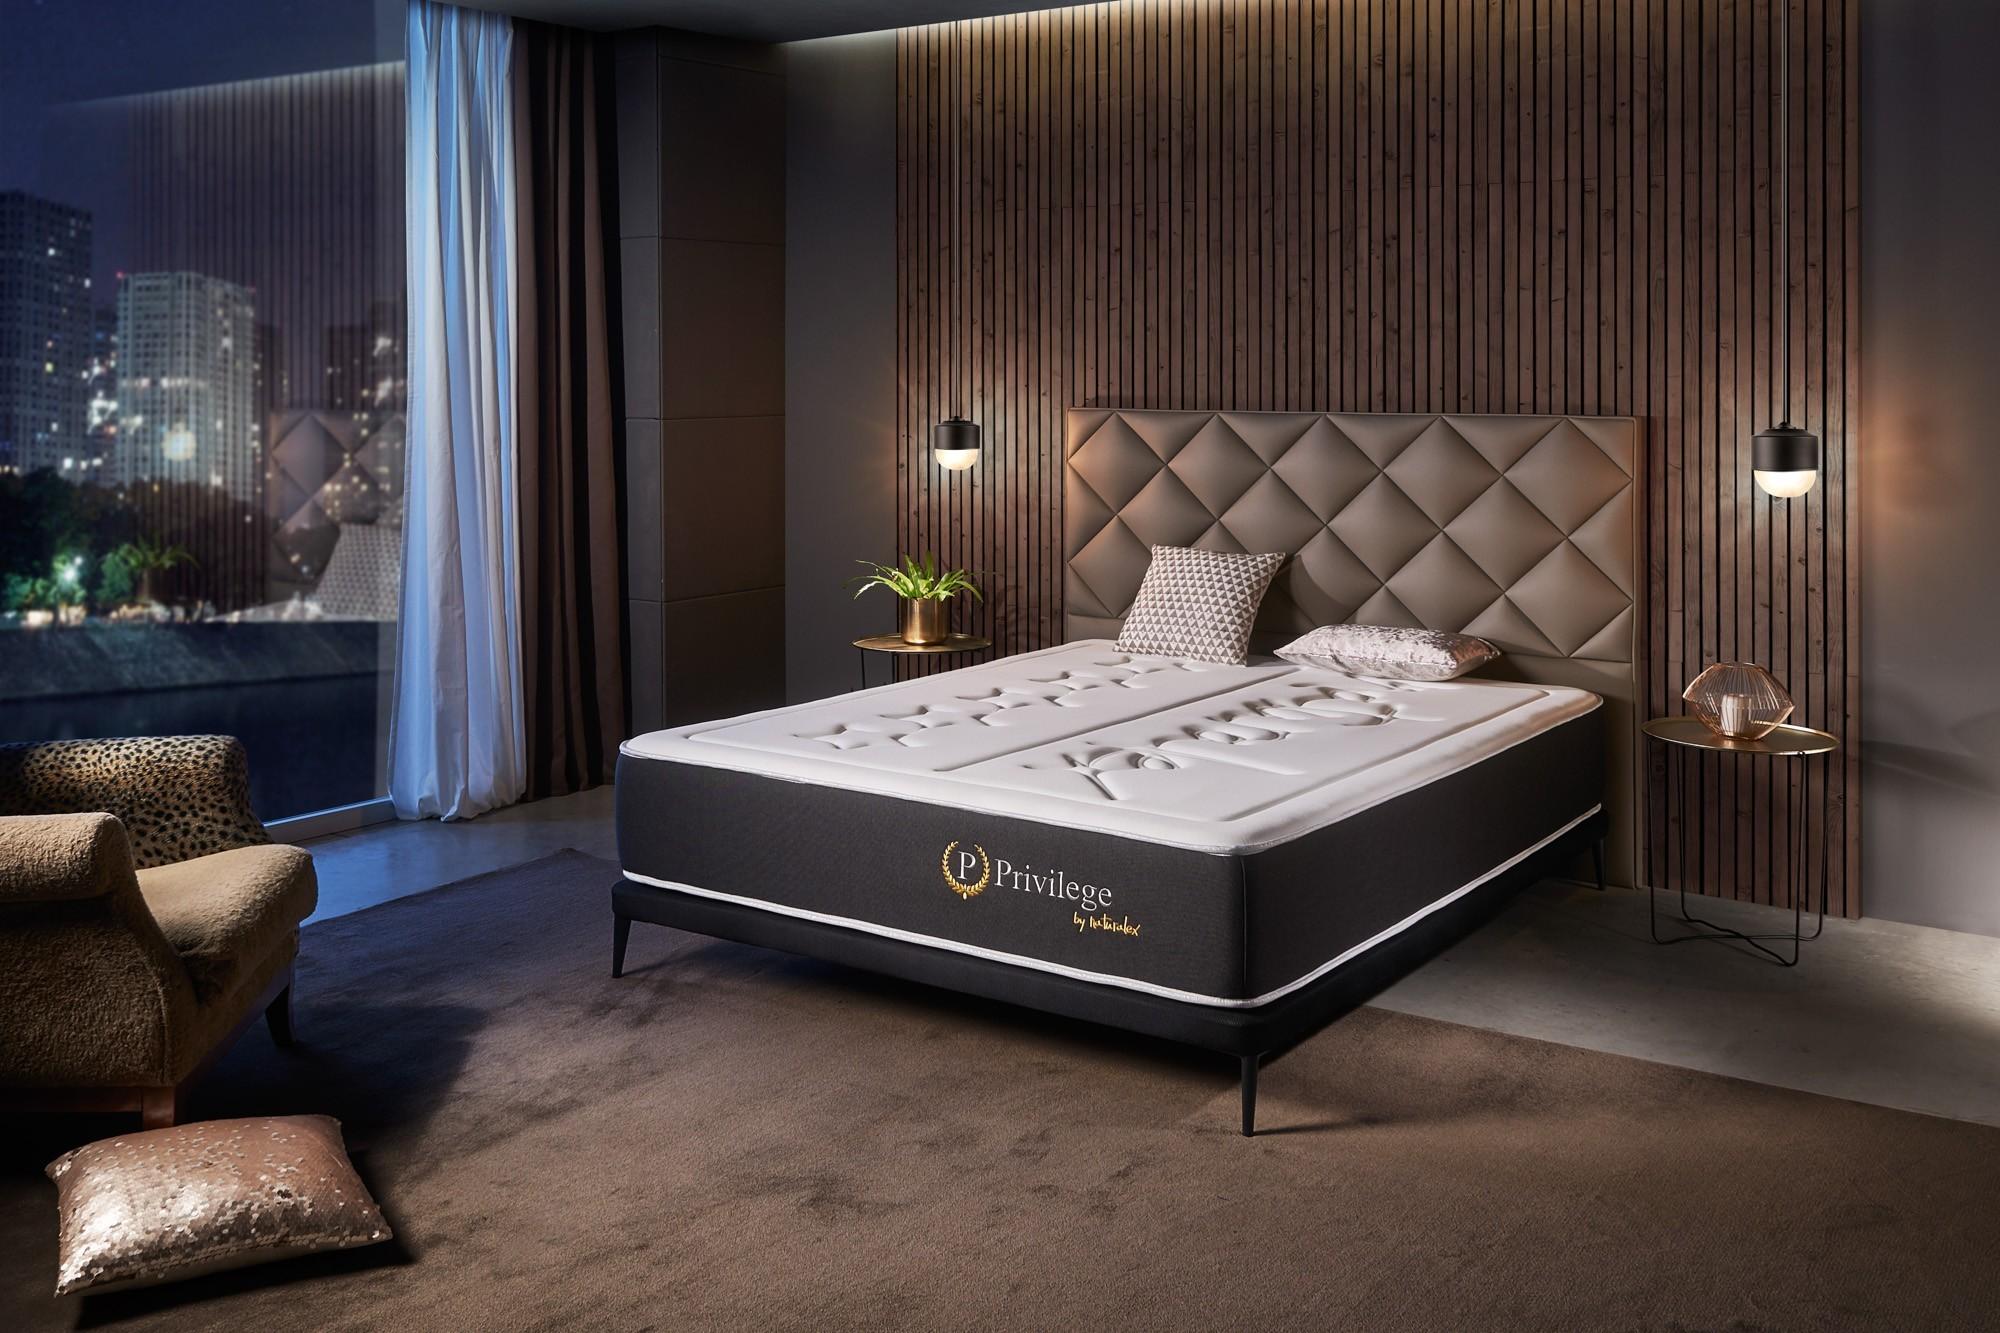 Privilege High-End Memory foam mattress - 30 cm | Naturalex®